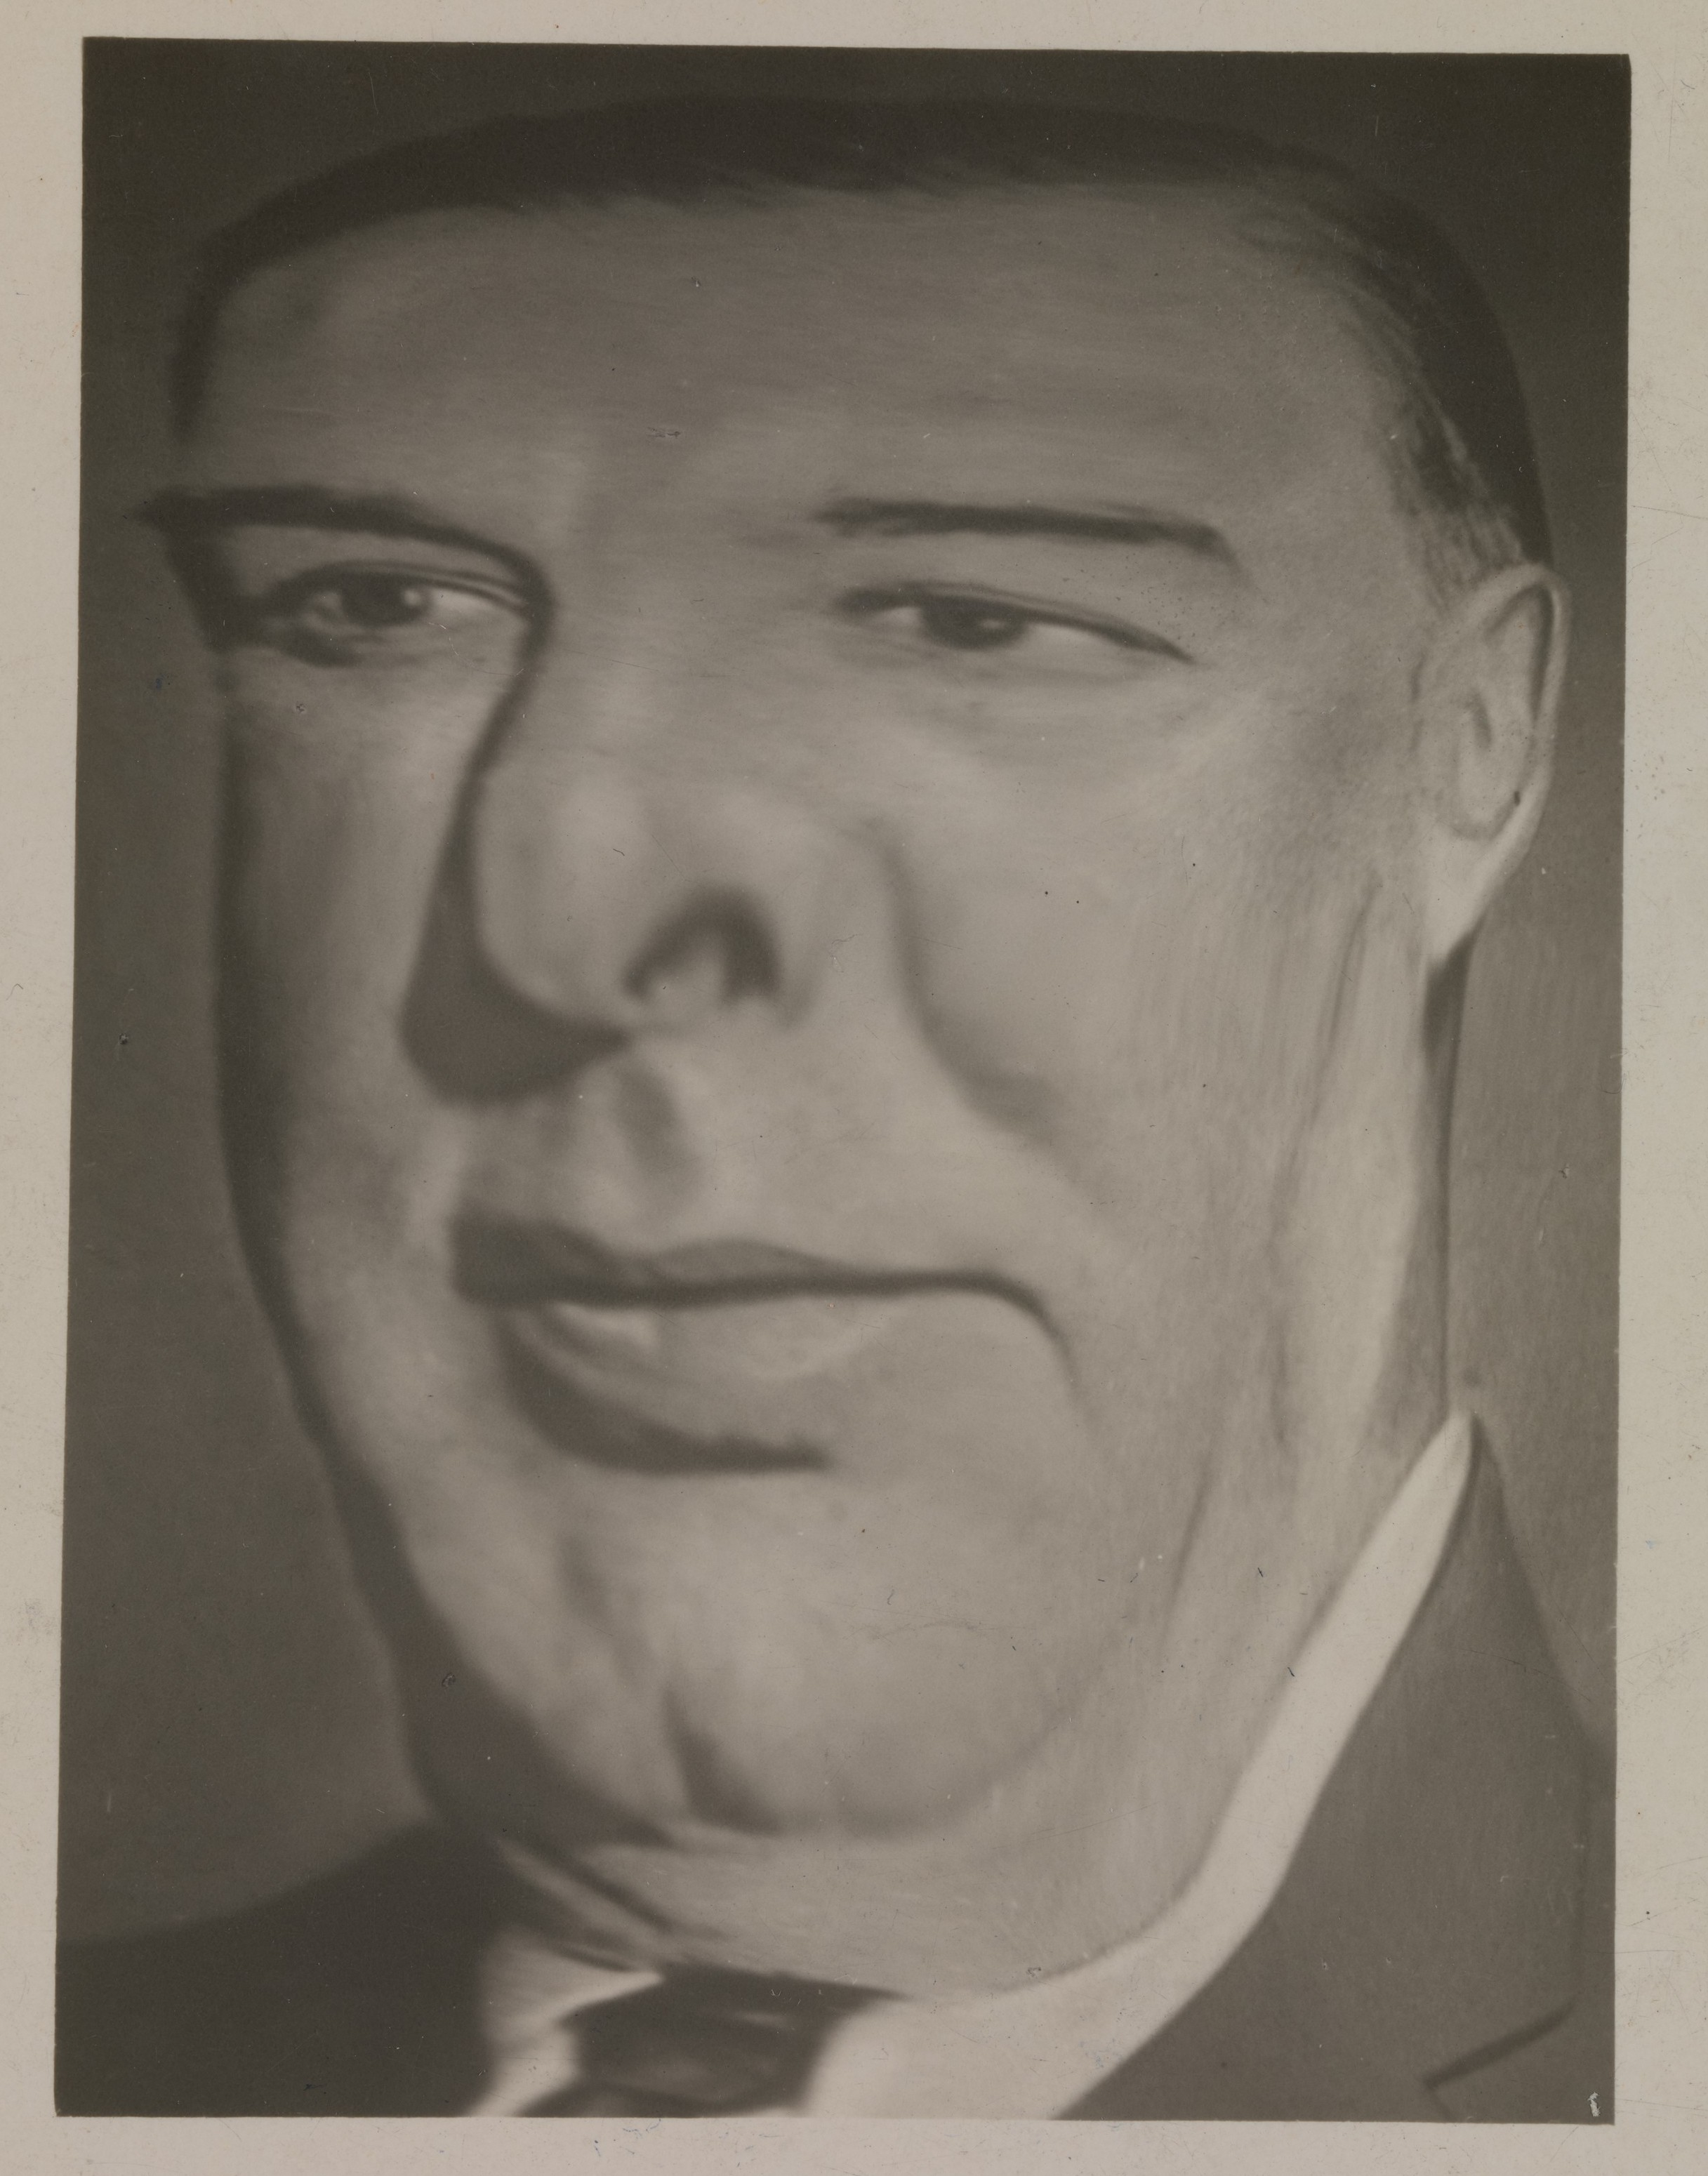 006Distortograph. William Hale Big Bill Thompson Mayor of Chicago Своими руками: обработанные снимки доцифровой эпохи